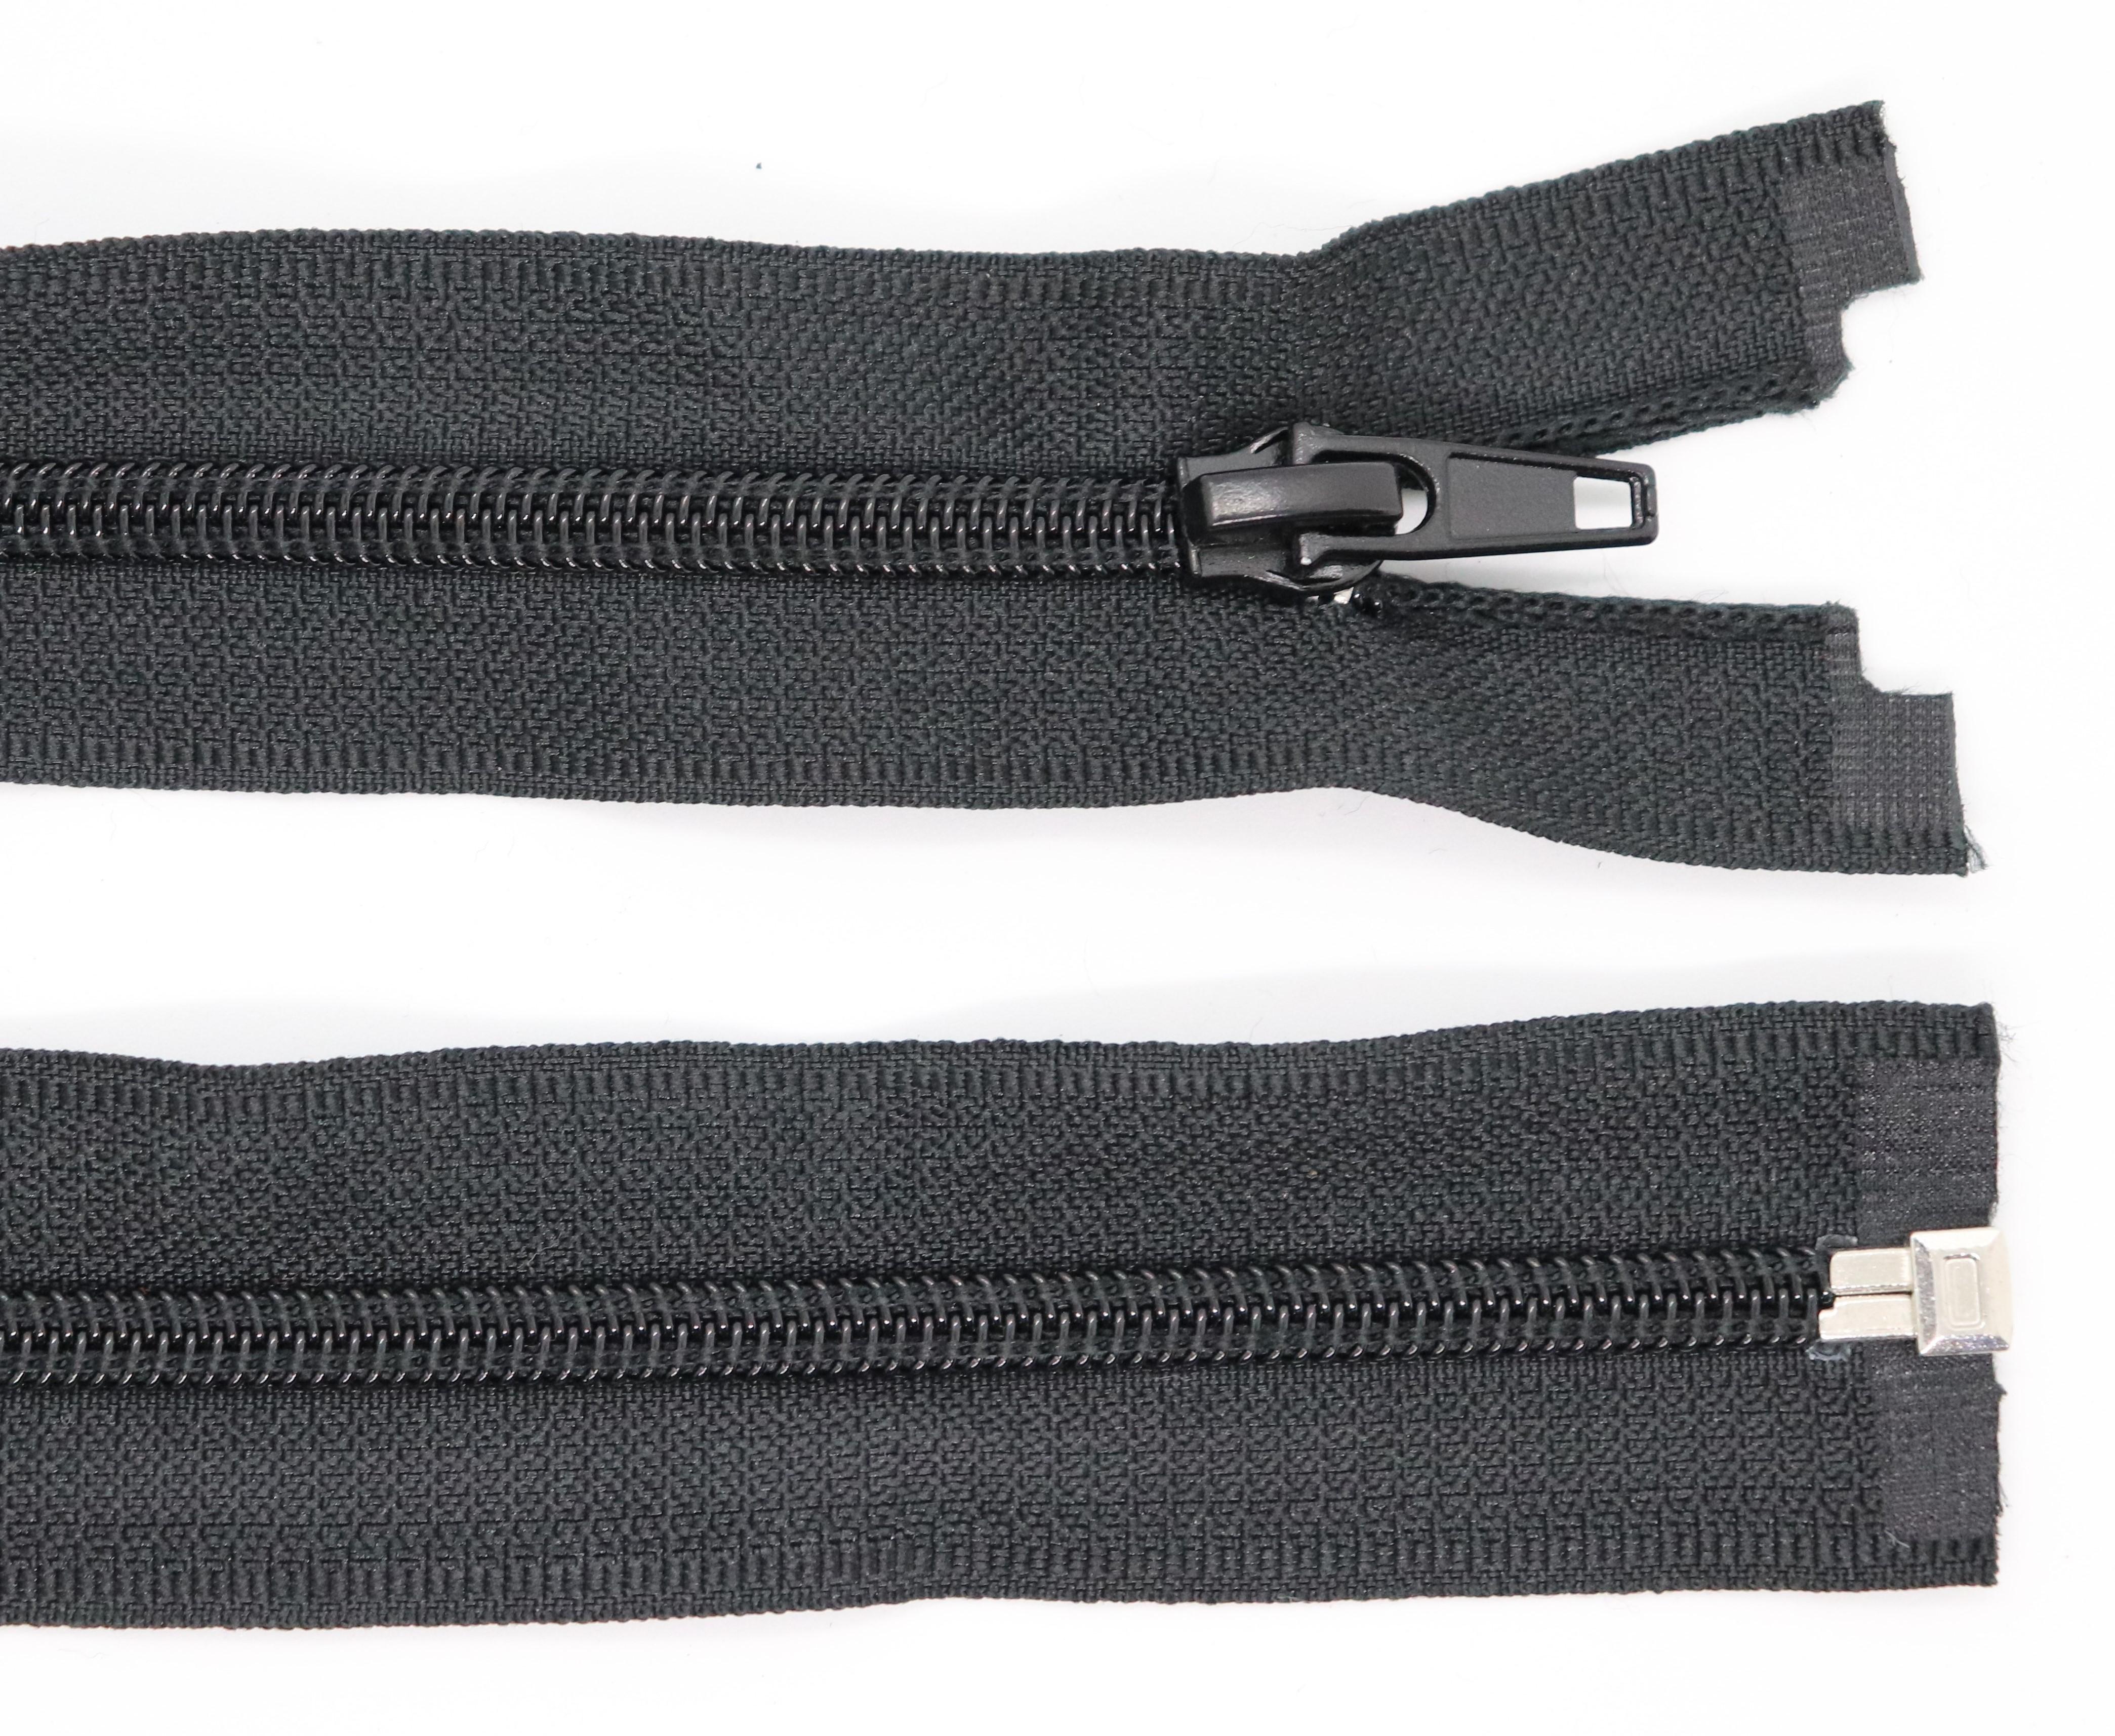 Spirálový zip šíøe 5 mm délka 85 cm dìlitelný - zvìtšit obrázek